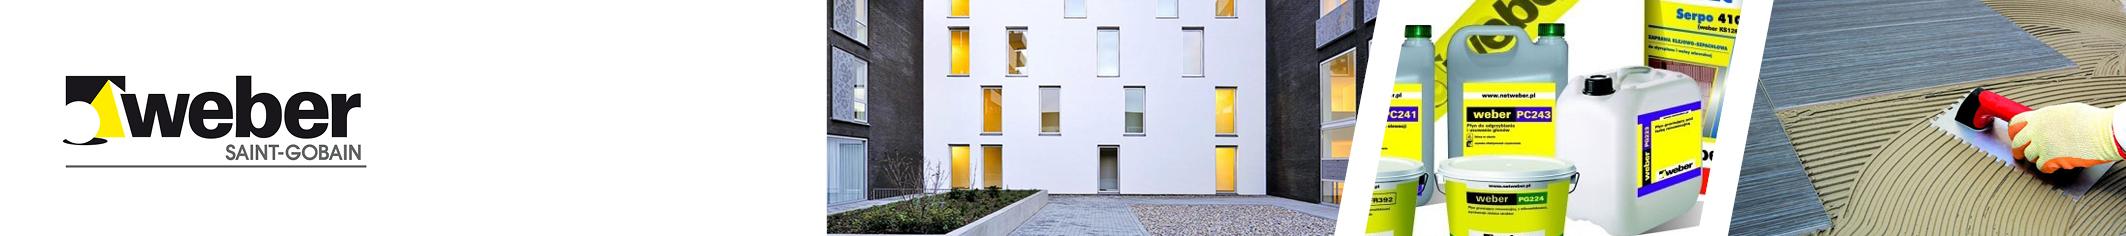 WEBER elewacja (systemów ociepleń, tynków dekoracyjnych, farb)w OCMB Olsztyn